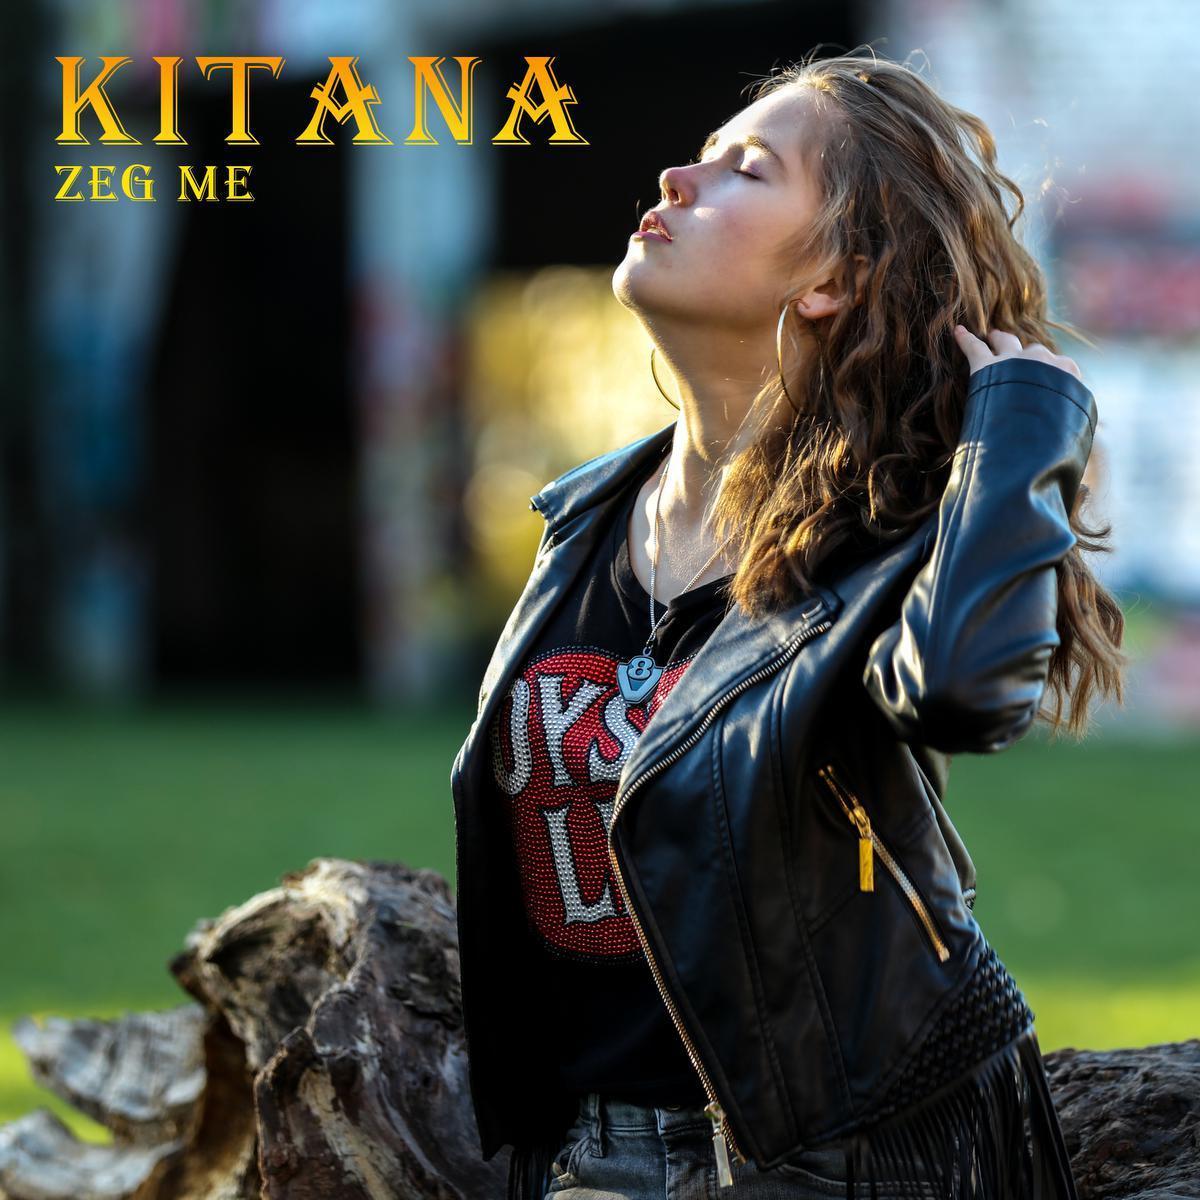 Kitana uit Wevelgem brengt wondermooie song 'Zeg Me' uit